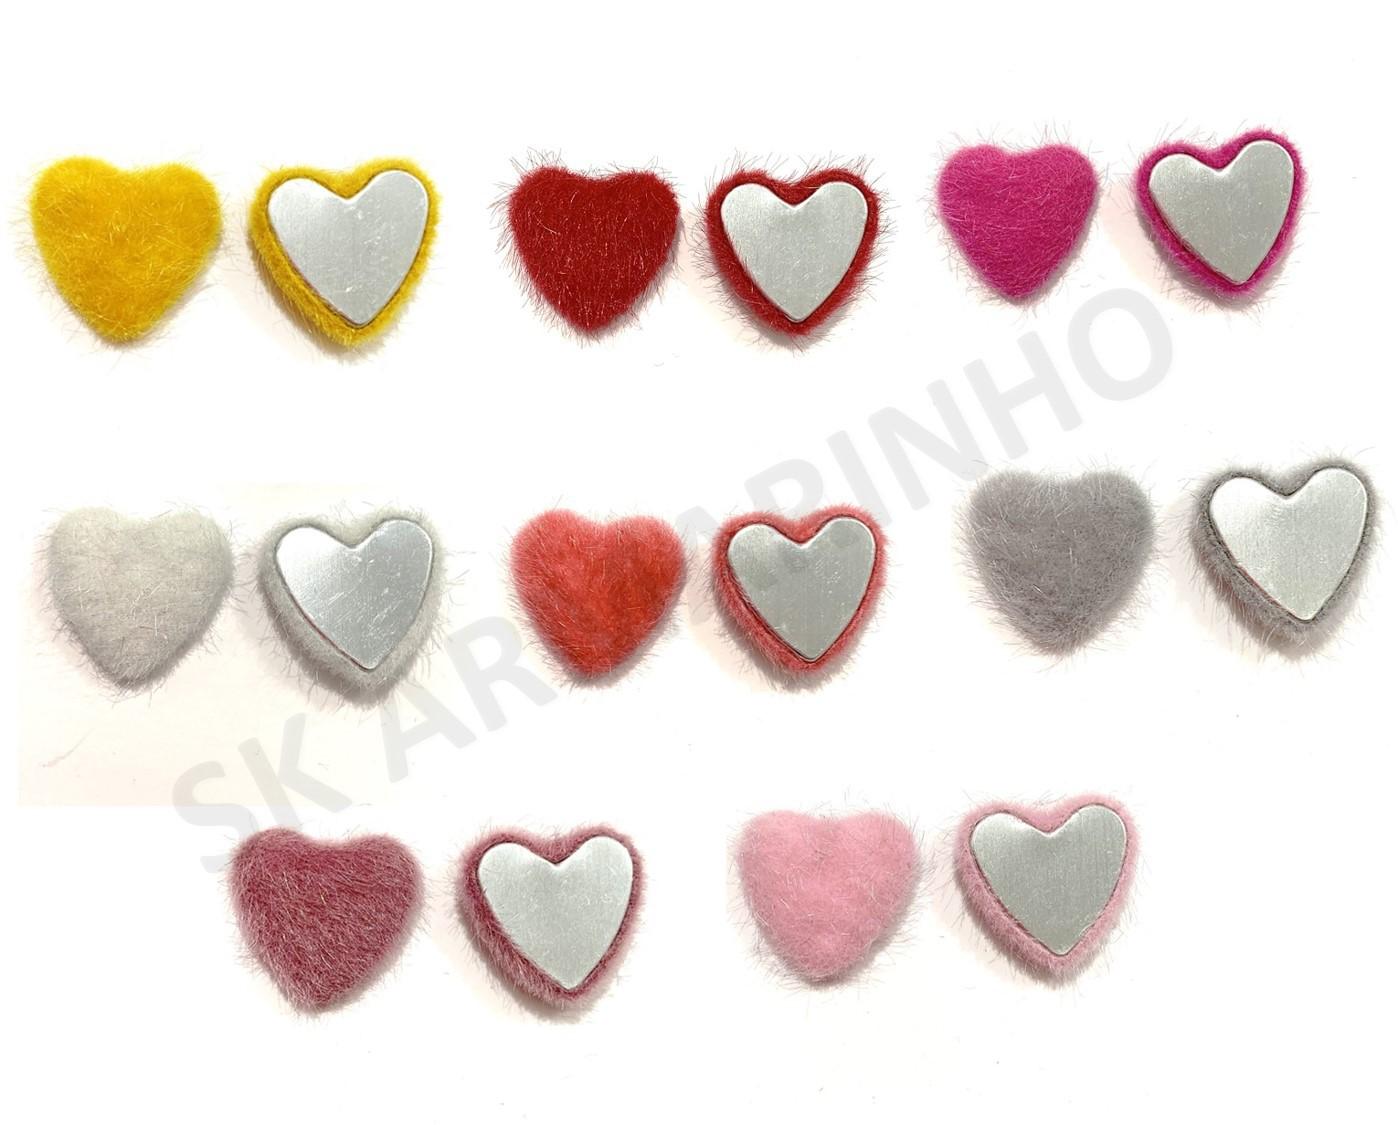 Aplique Coração Feupudo 2,5cmX2,5cm - Unidade